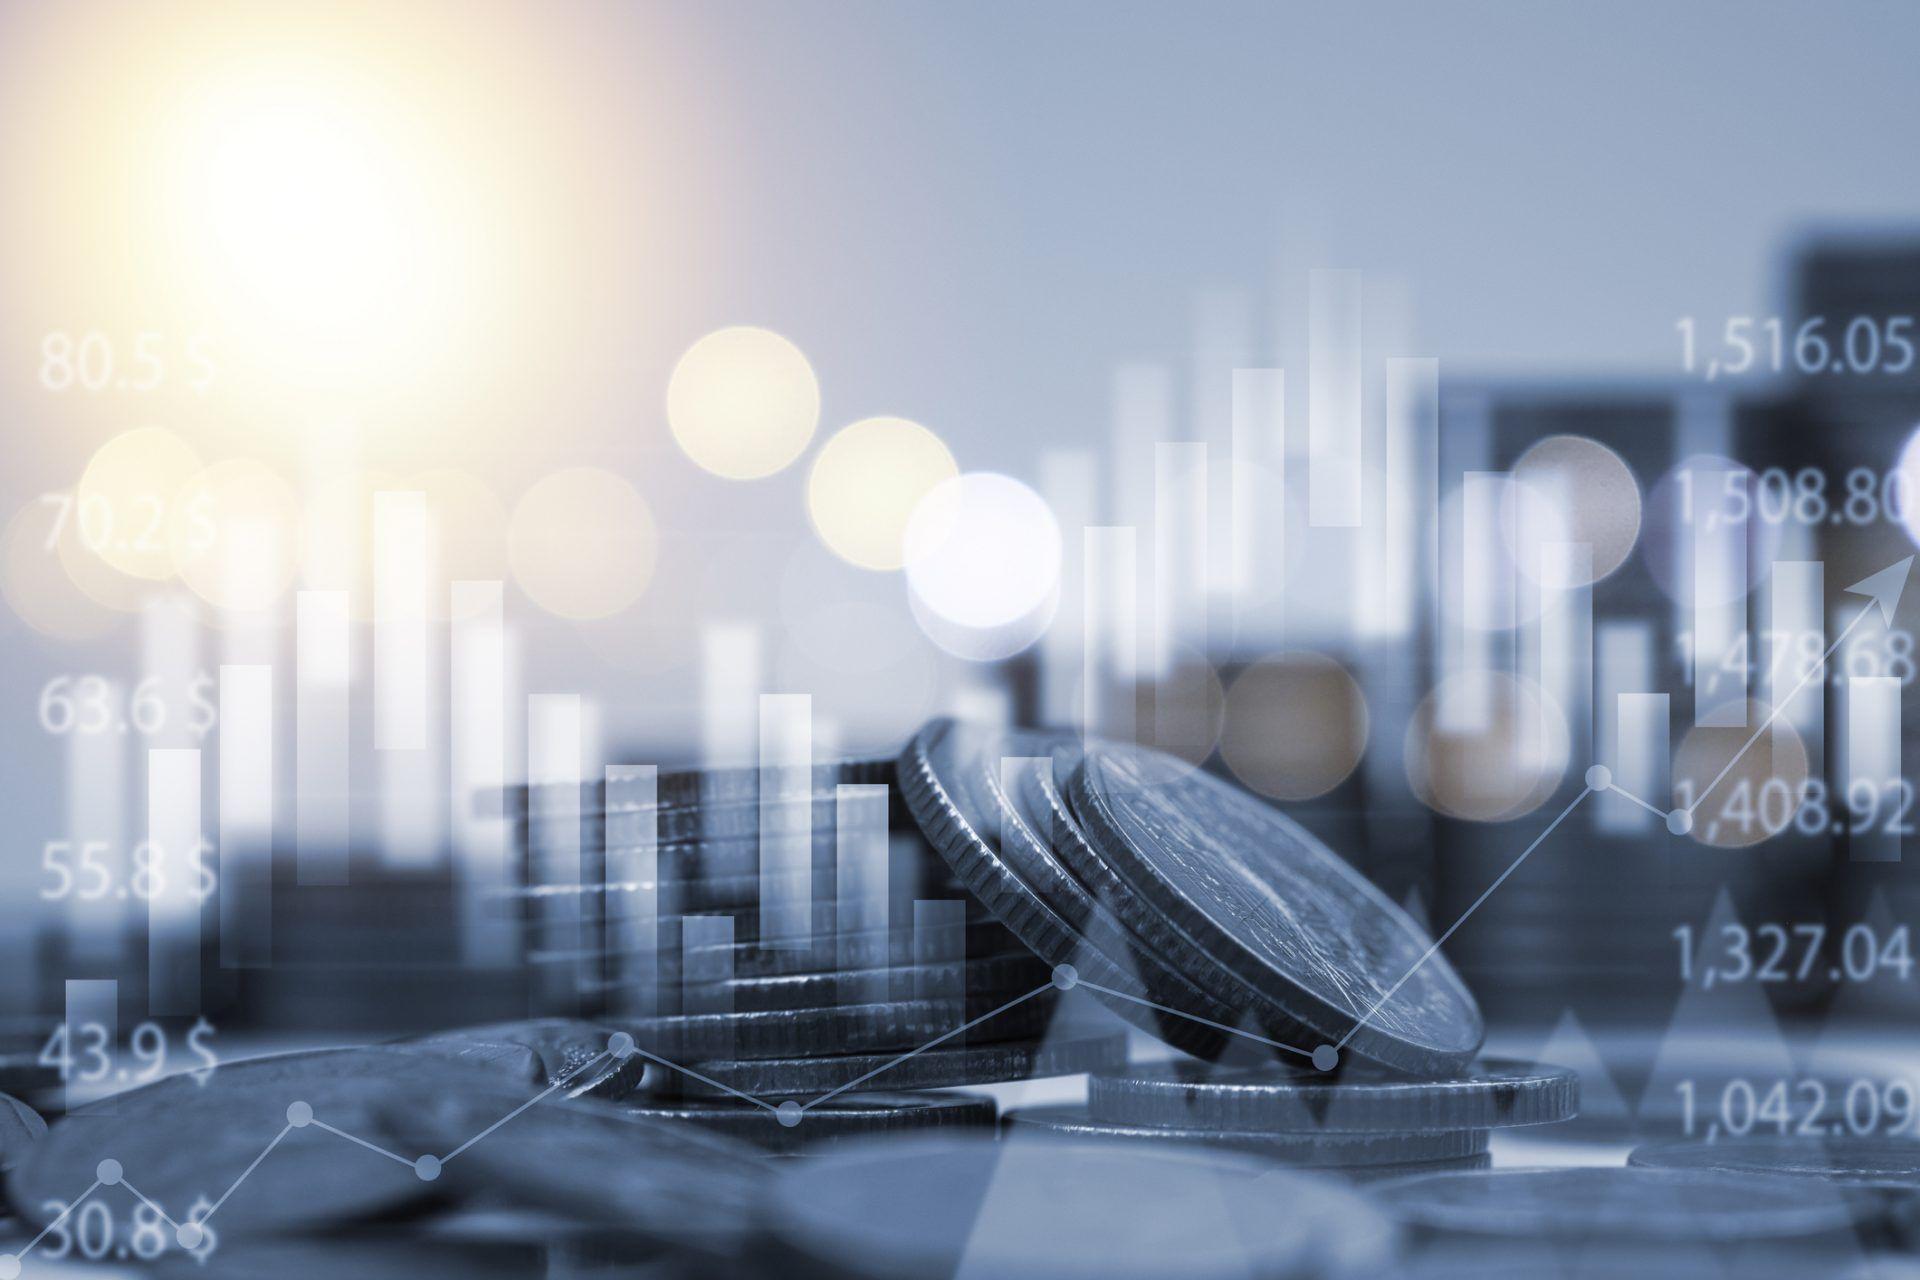 Auditoria contable: ¿en qué consiste y cuál es el rol del auditor?